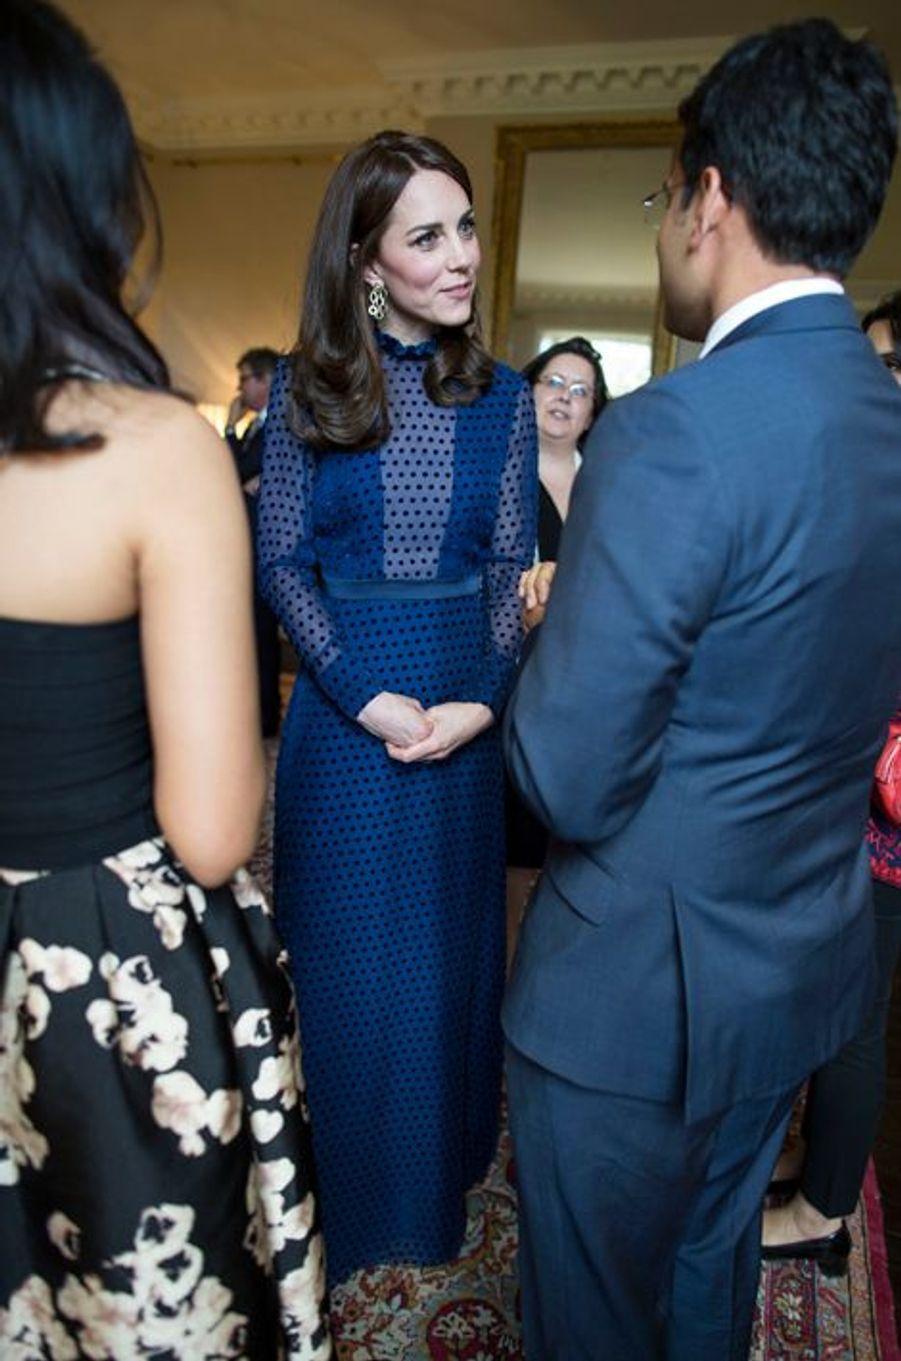 La duchesse Catherine de Cambridge à Kensington Palace à Londres, le 6 avril 2016